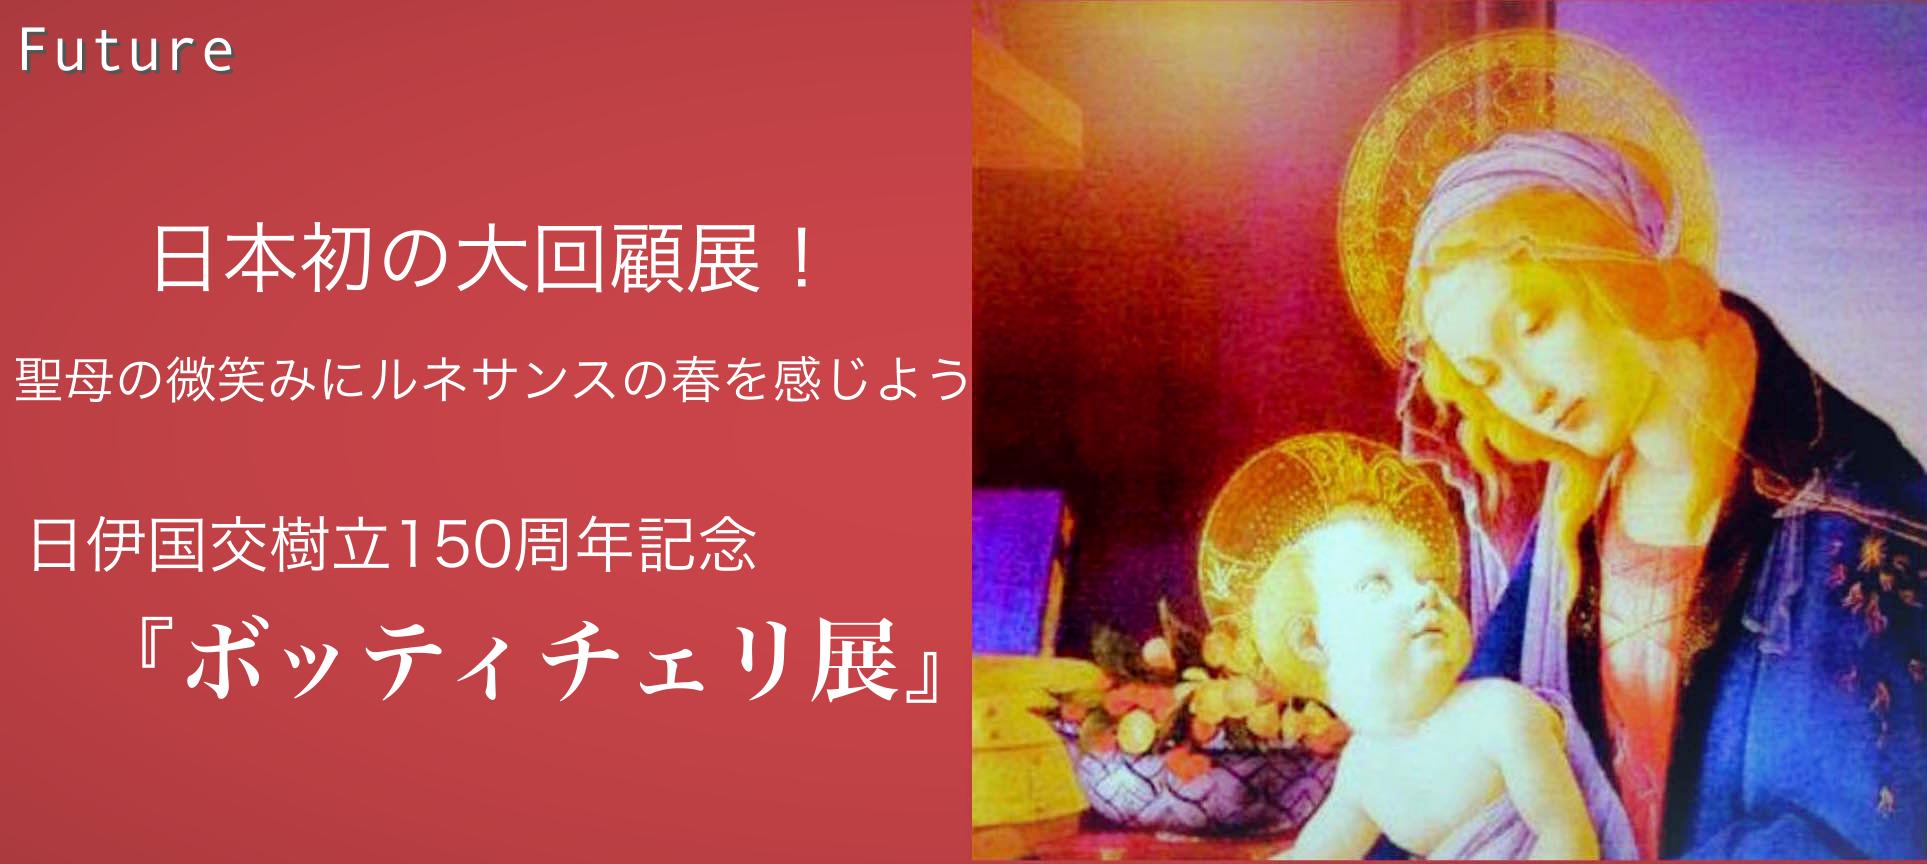 日本初の大回顧展! 聖母の微笑みにルネサンスの春を感じよう 日伊国交樹立150周年記念『ボッティチェ